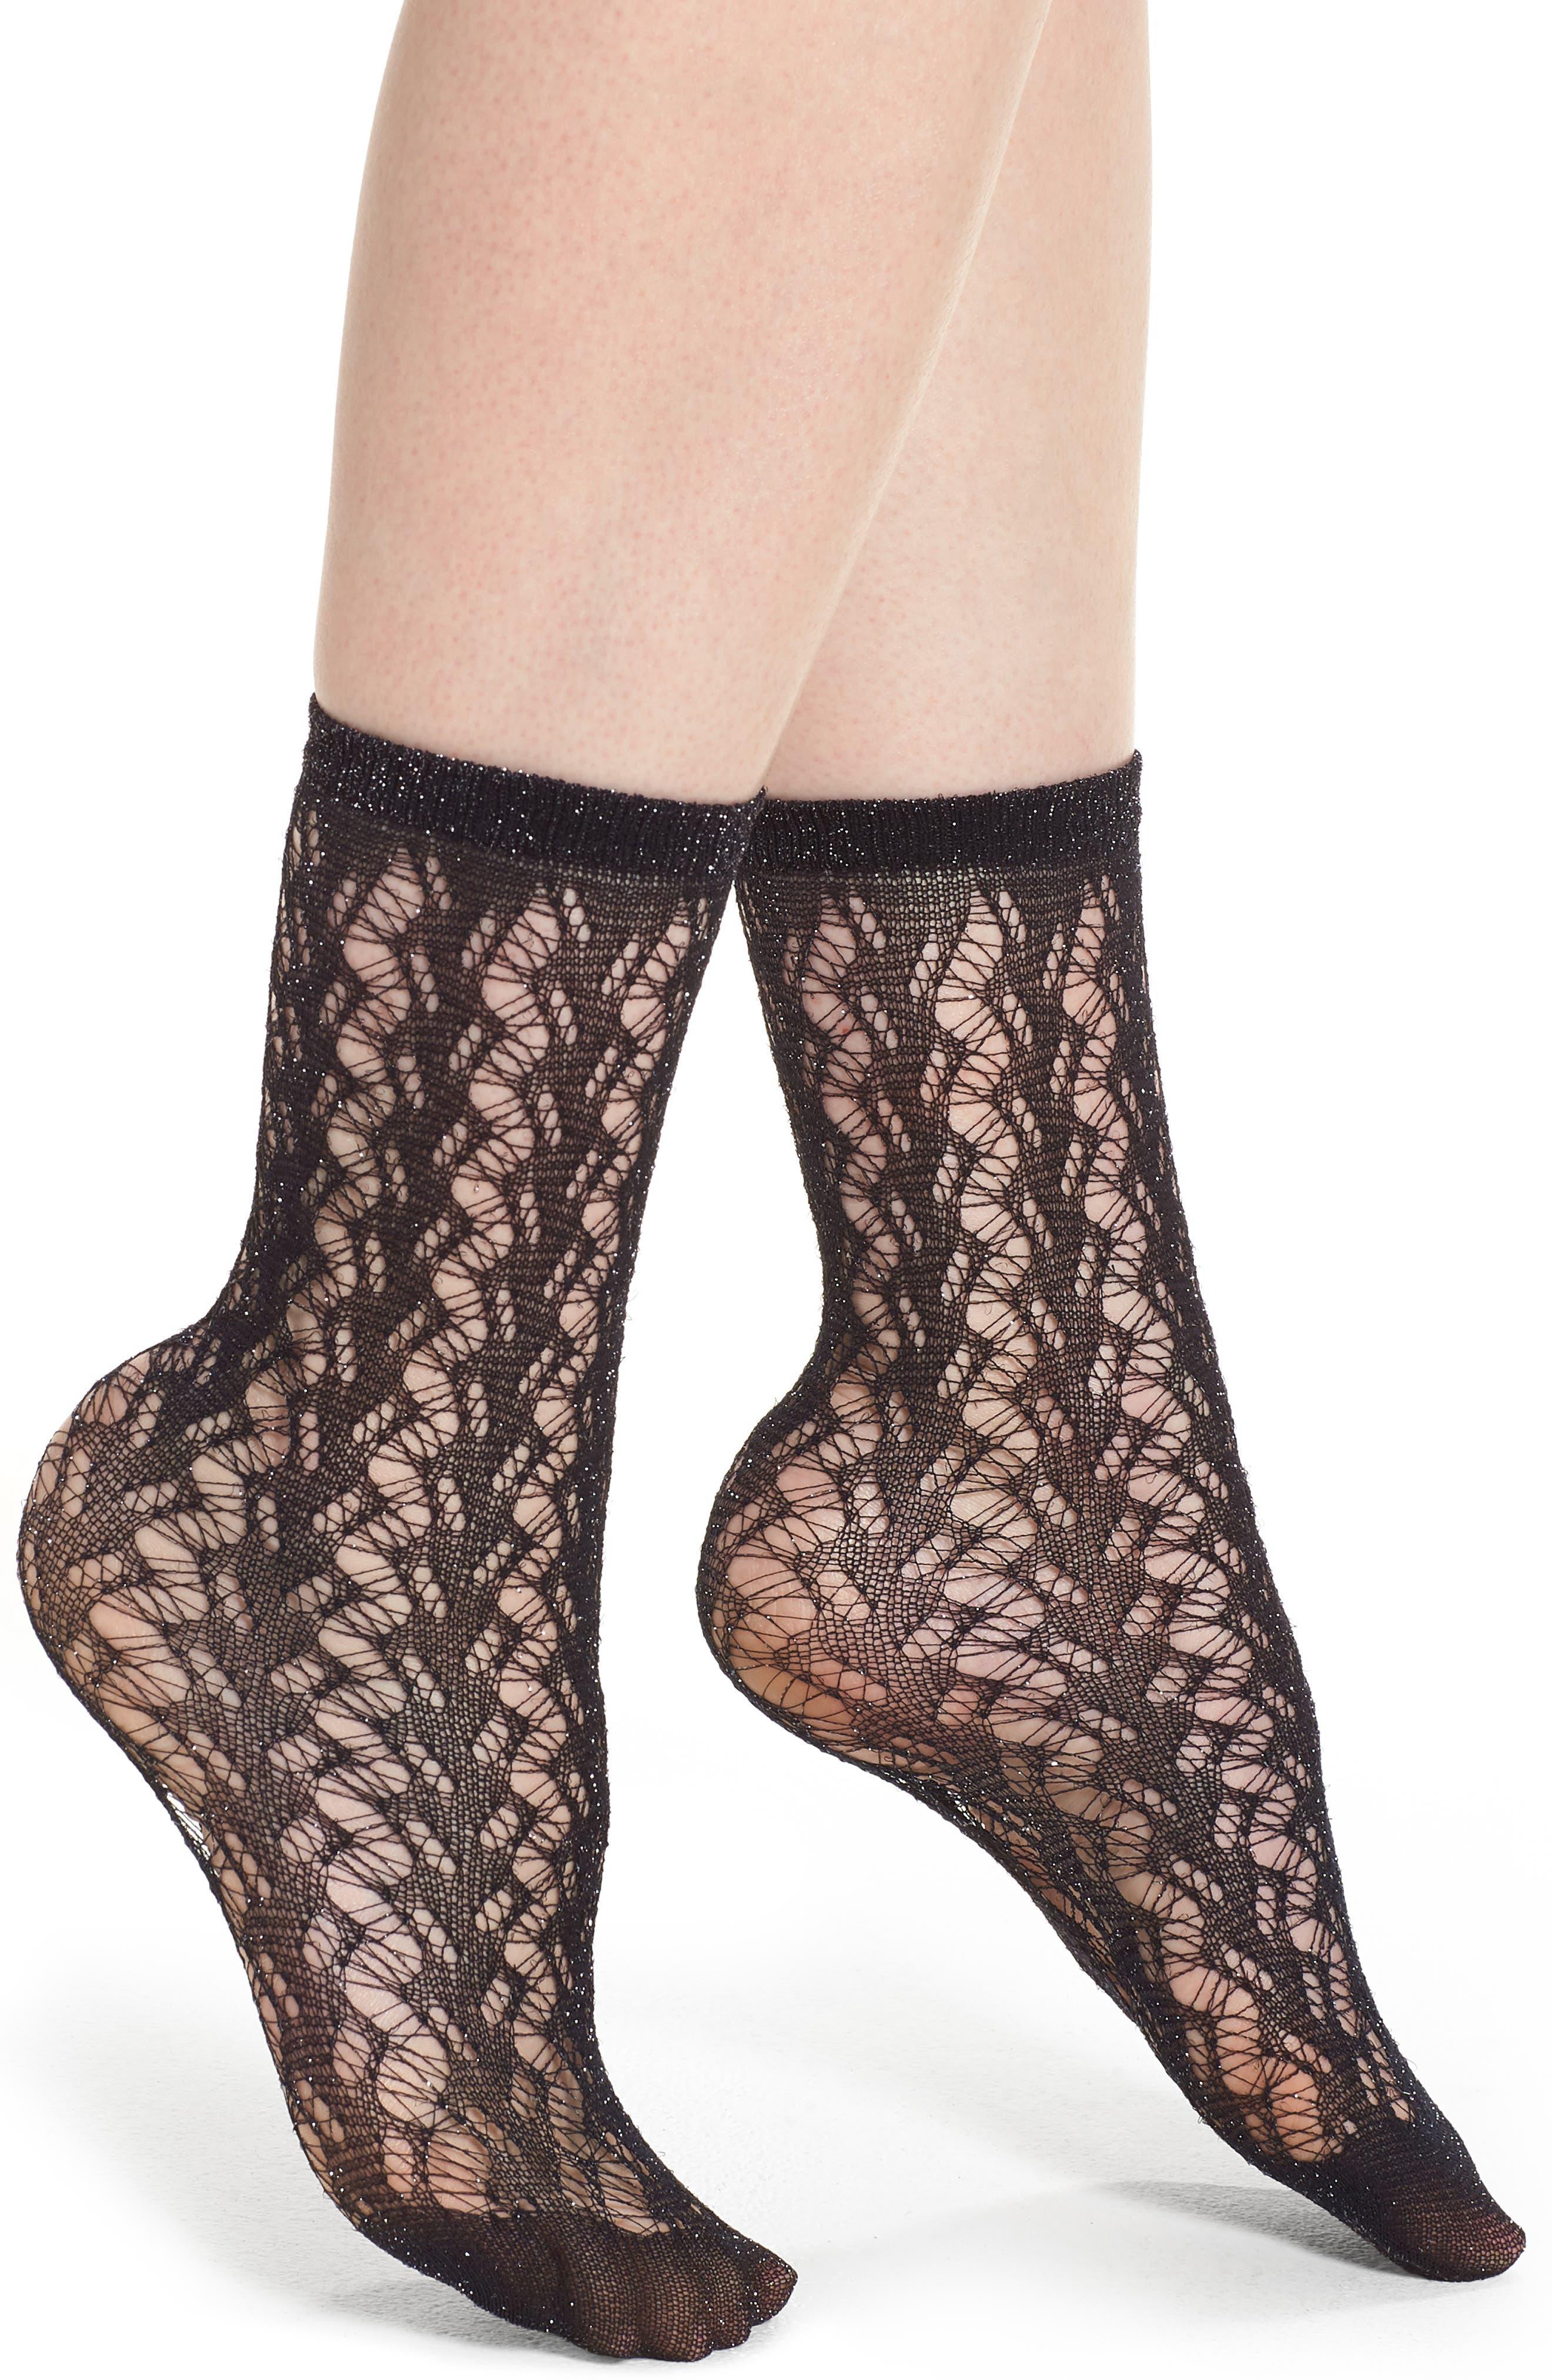 Calzino Glitter Fishnet Trouser Socks,                         Main,                         color,